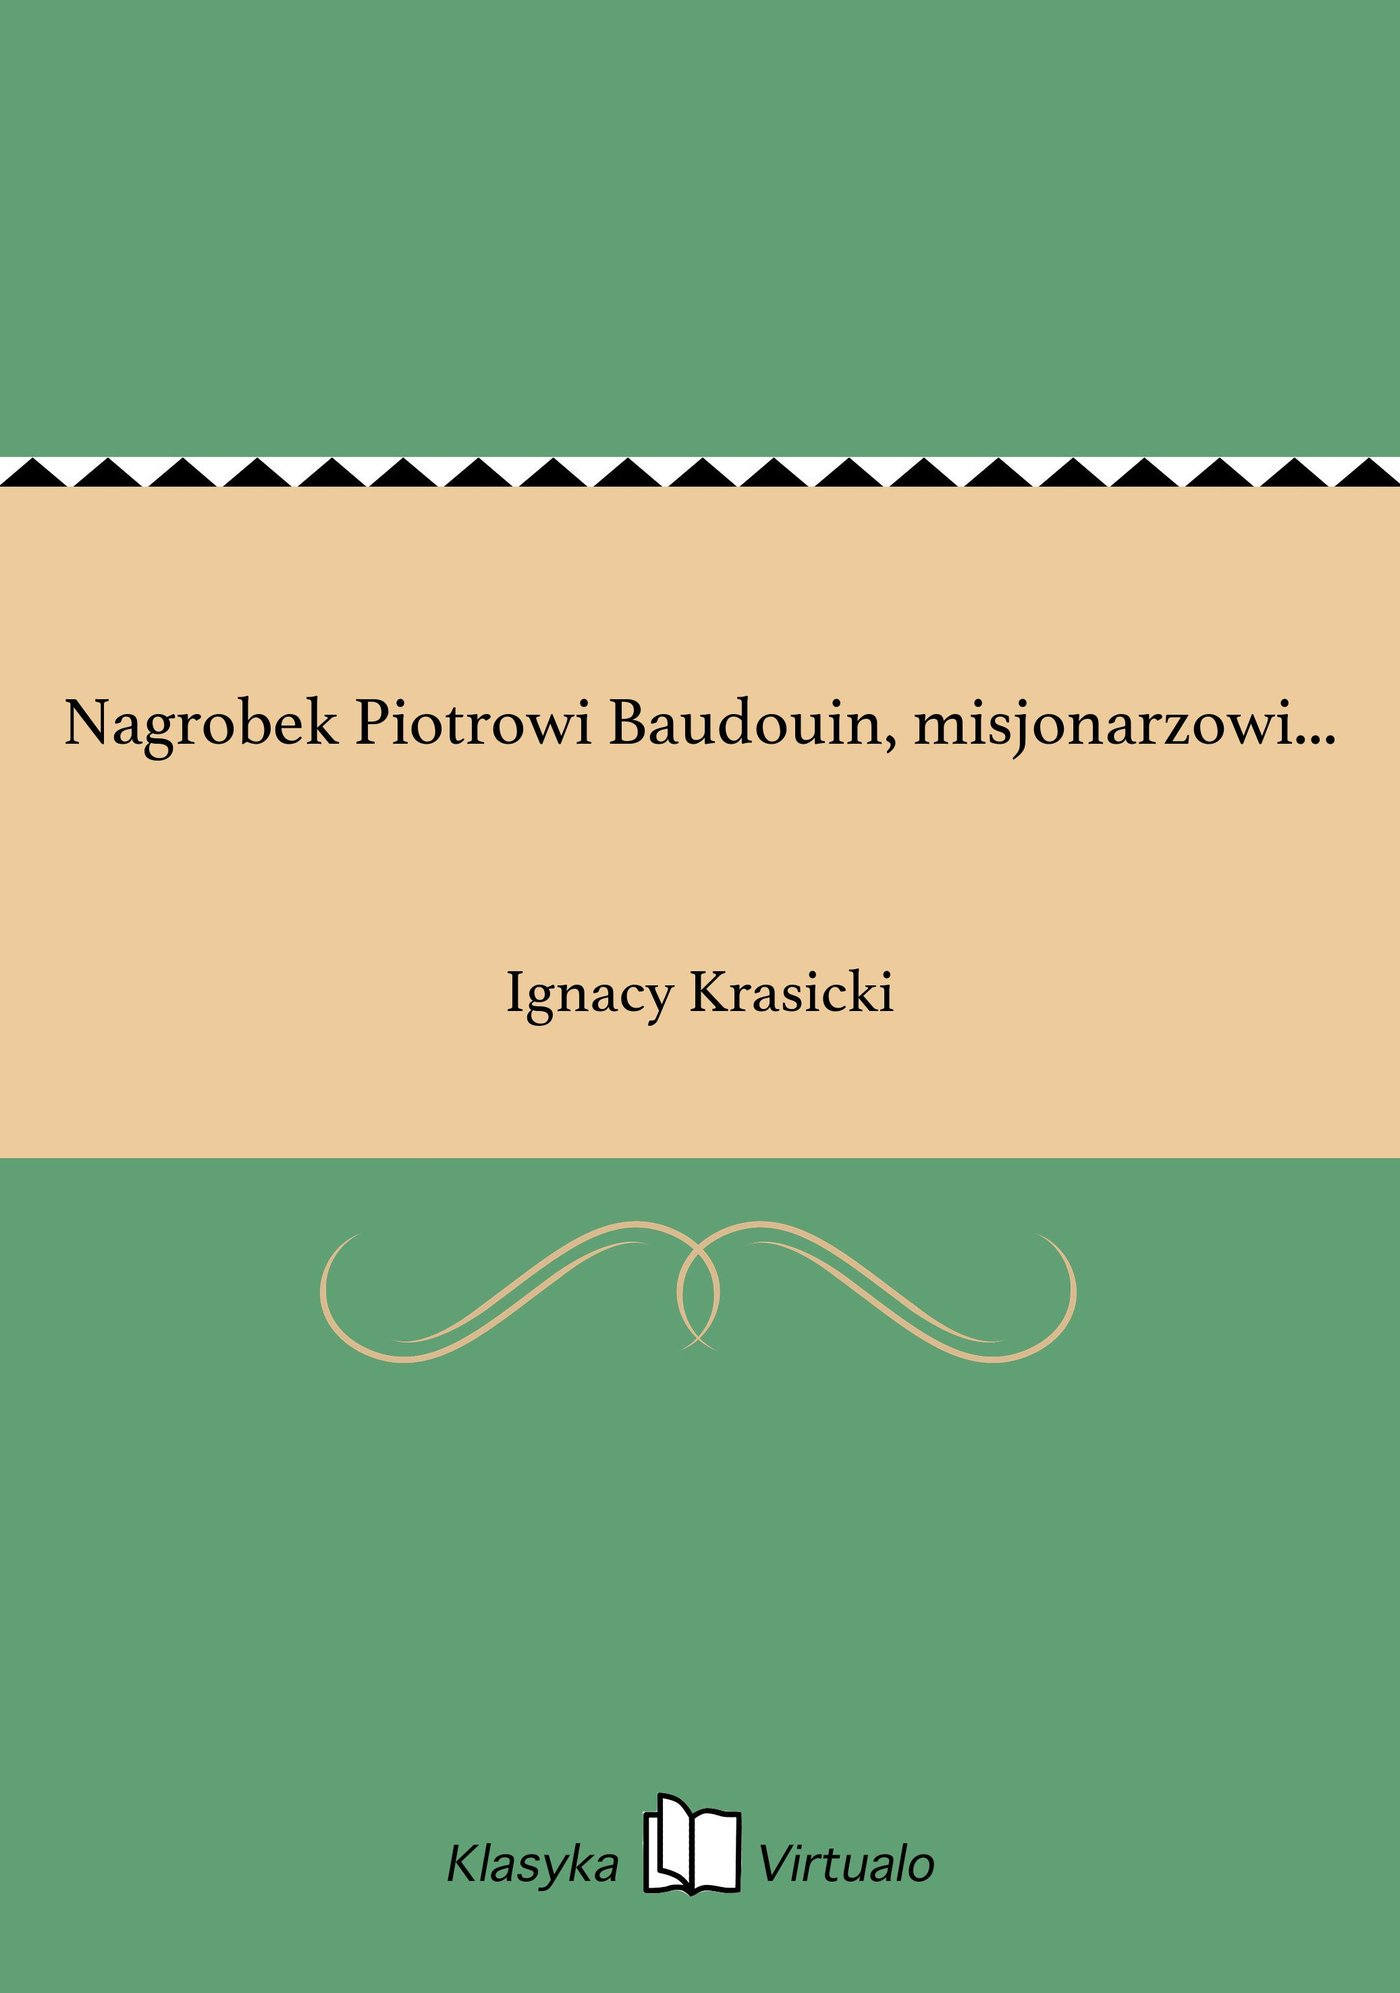 Nagrobek Piotrowi Baudouin, misjonarzowi... - Ebook (Książka EPUB) do pobrania w formacie EPUB